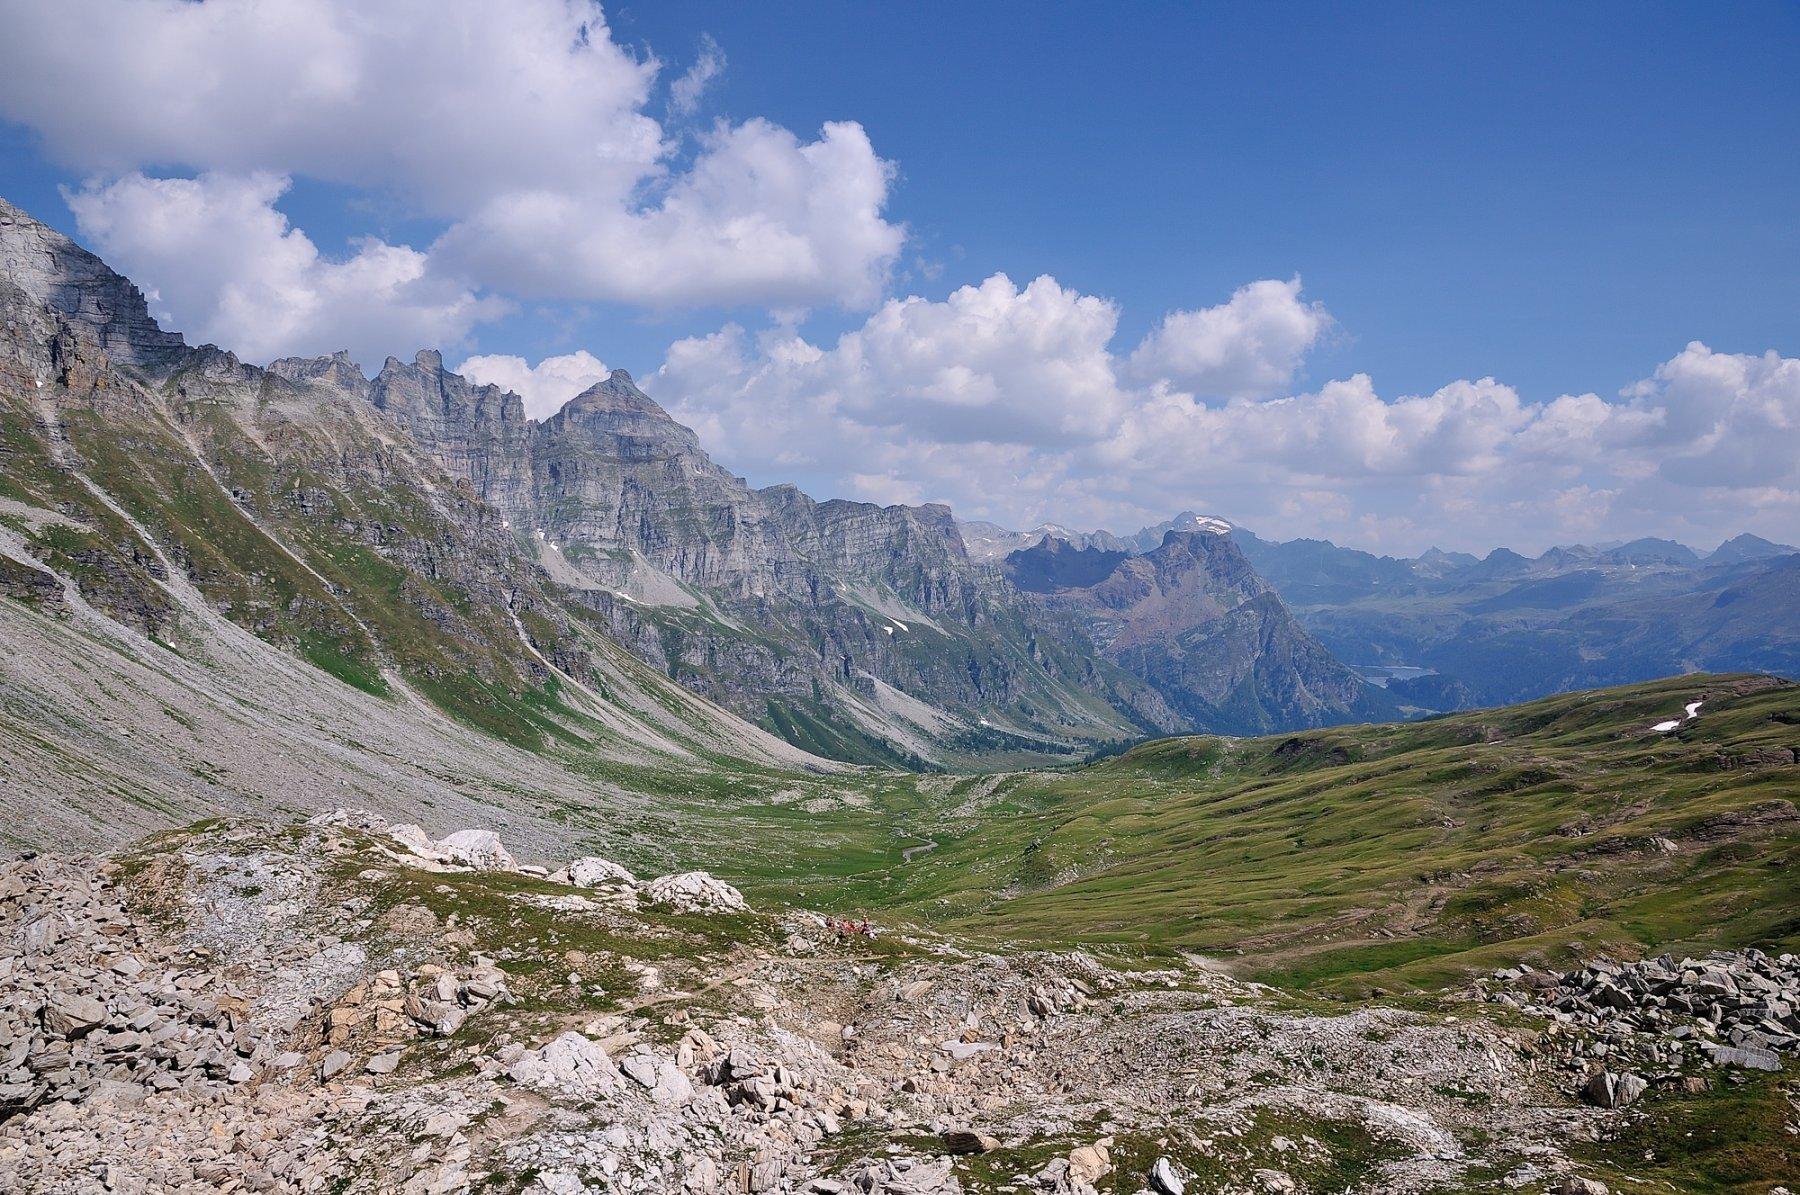 Val Buscagna vista dalla Scatta d'Orogna